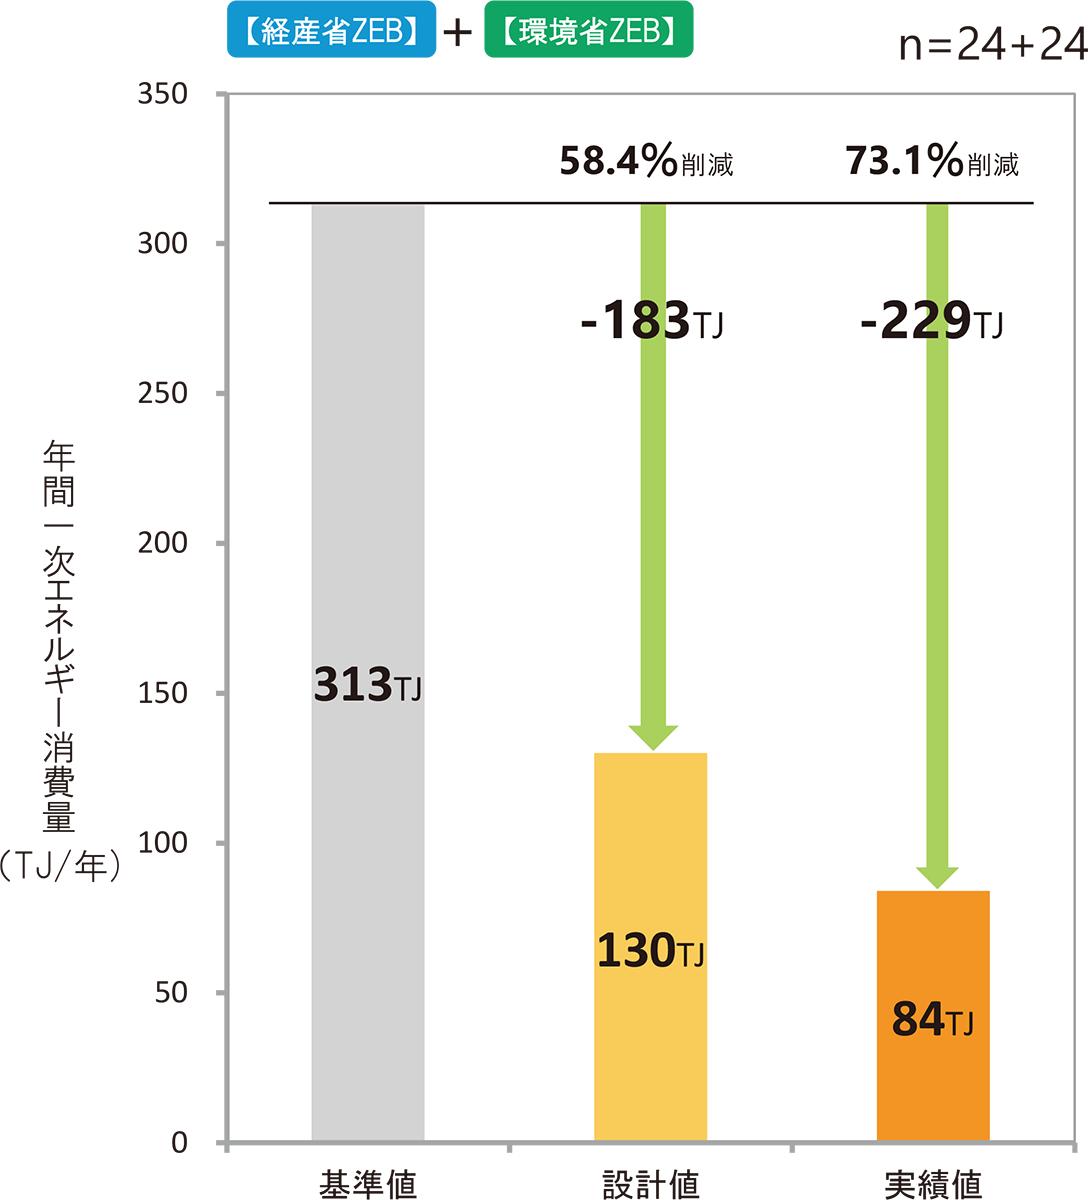 設計値と実績値の年間1次エネルギー消費量の集計(パソコンやプリンターといったOA機器などによる「その他1次エネルギー消費量」を含まず)(資料:環境共創イニシアチブ)